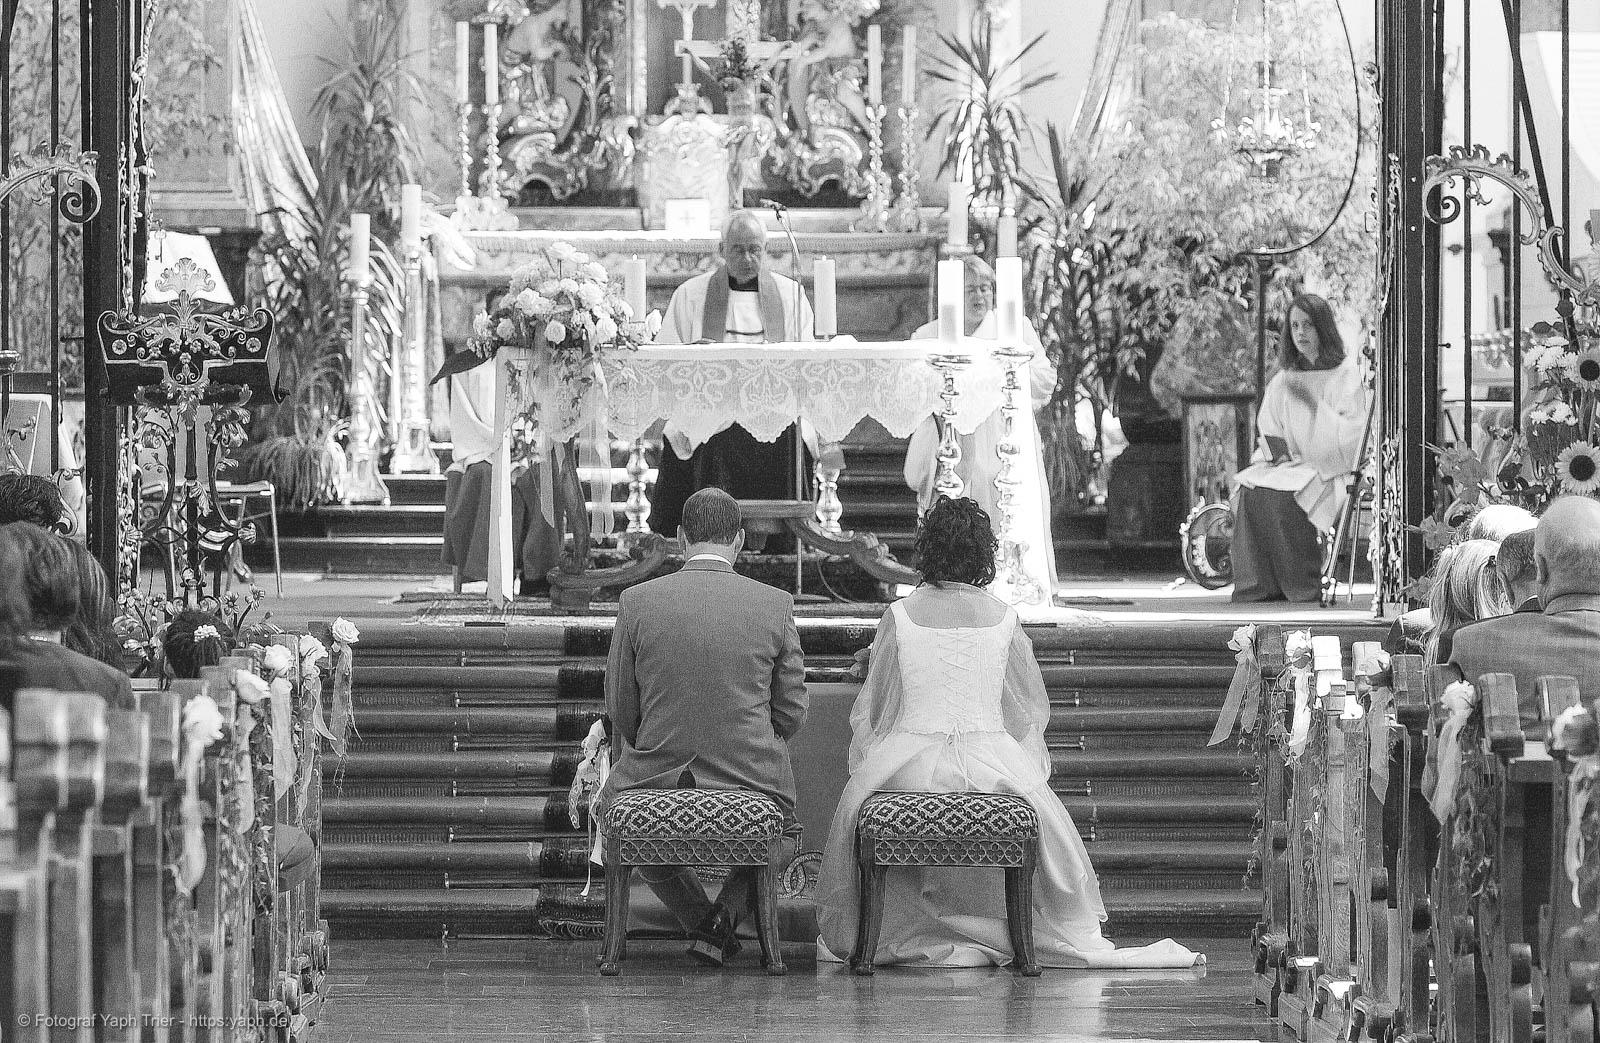 Fotografie der kirchlichen Trauung Mireille-Marco bei Fotograf Trier - Yaph